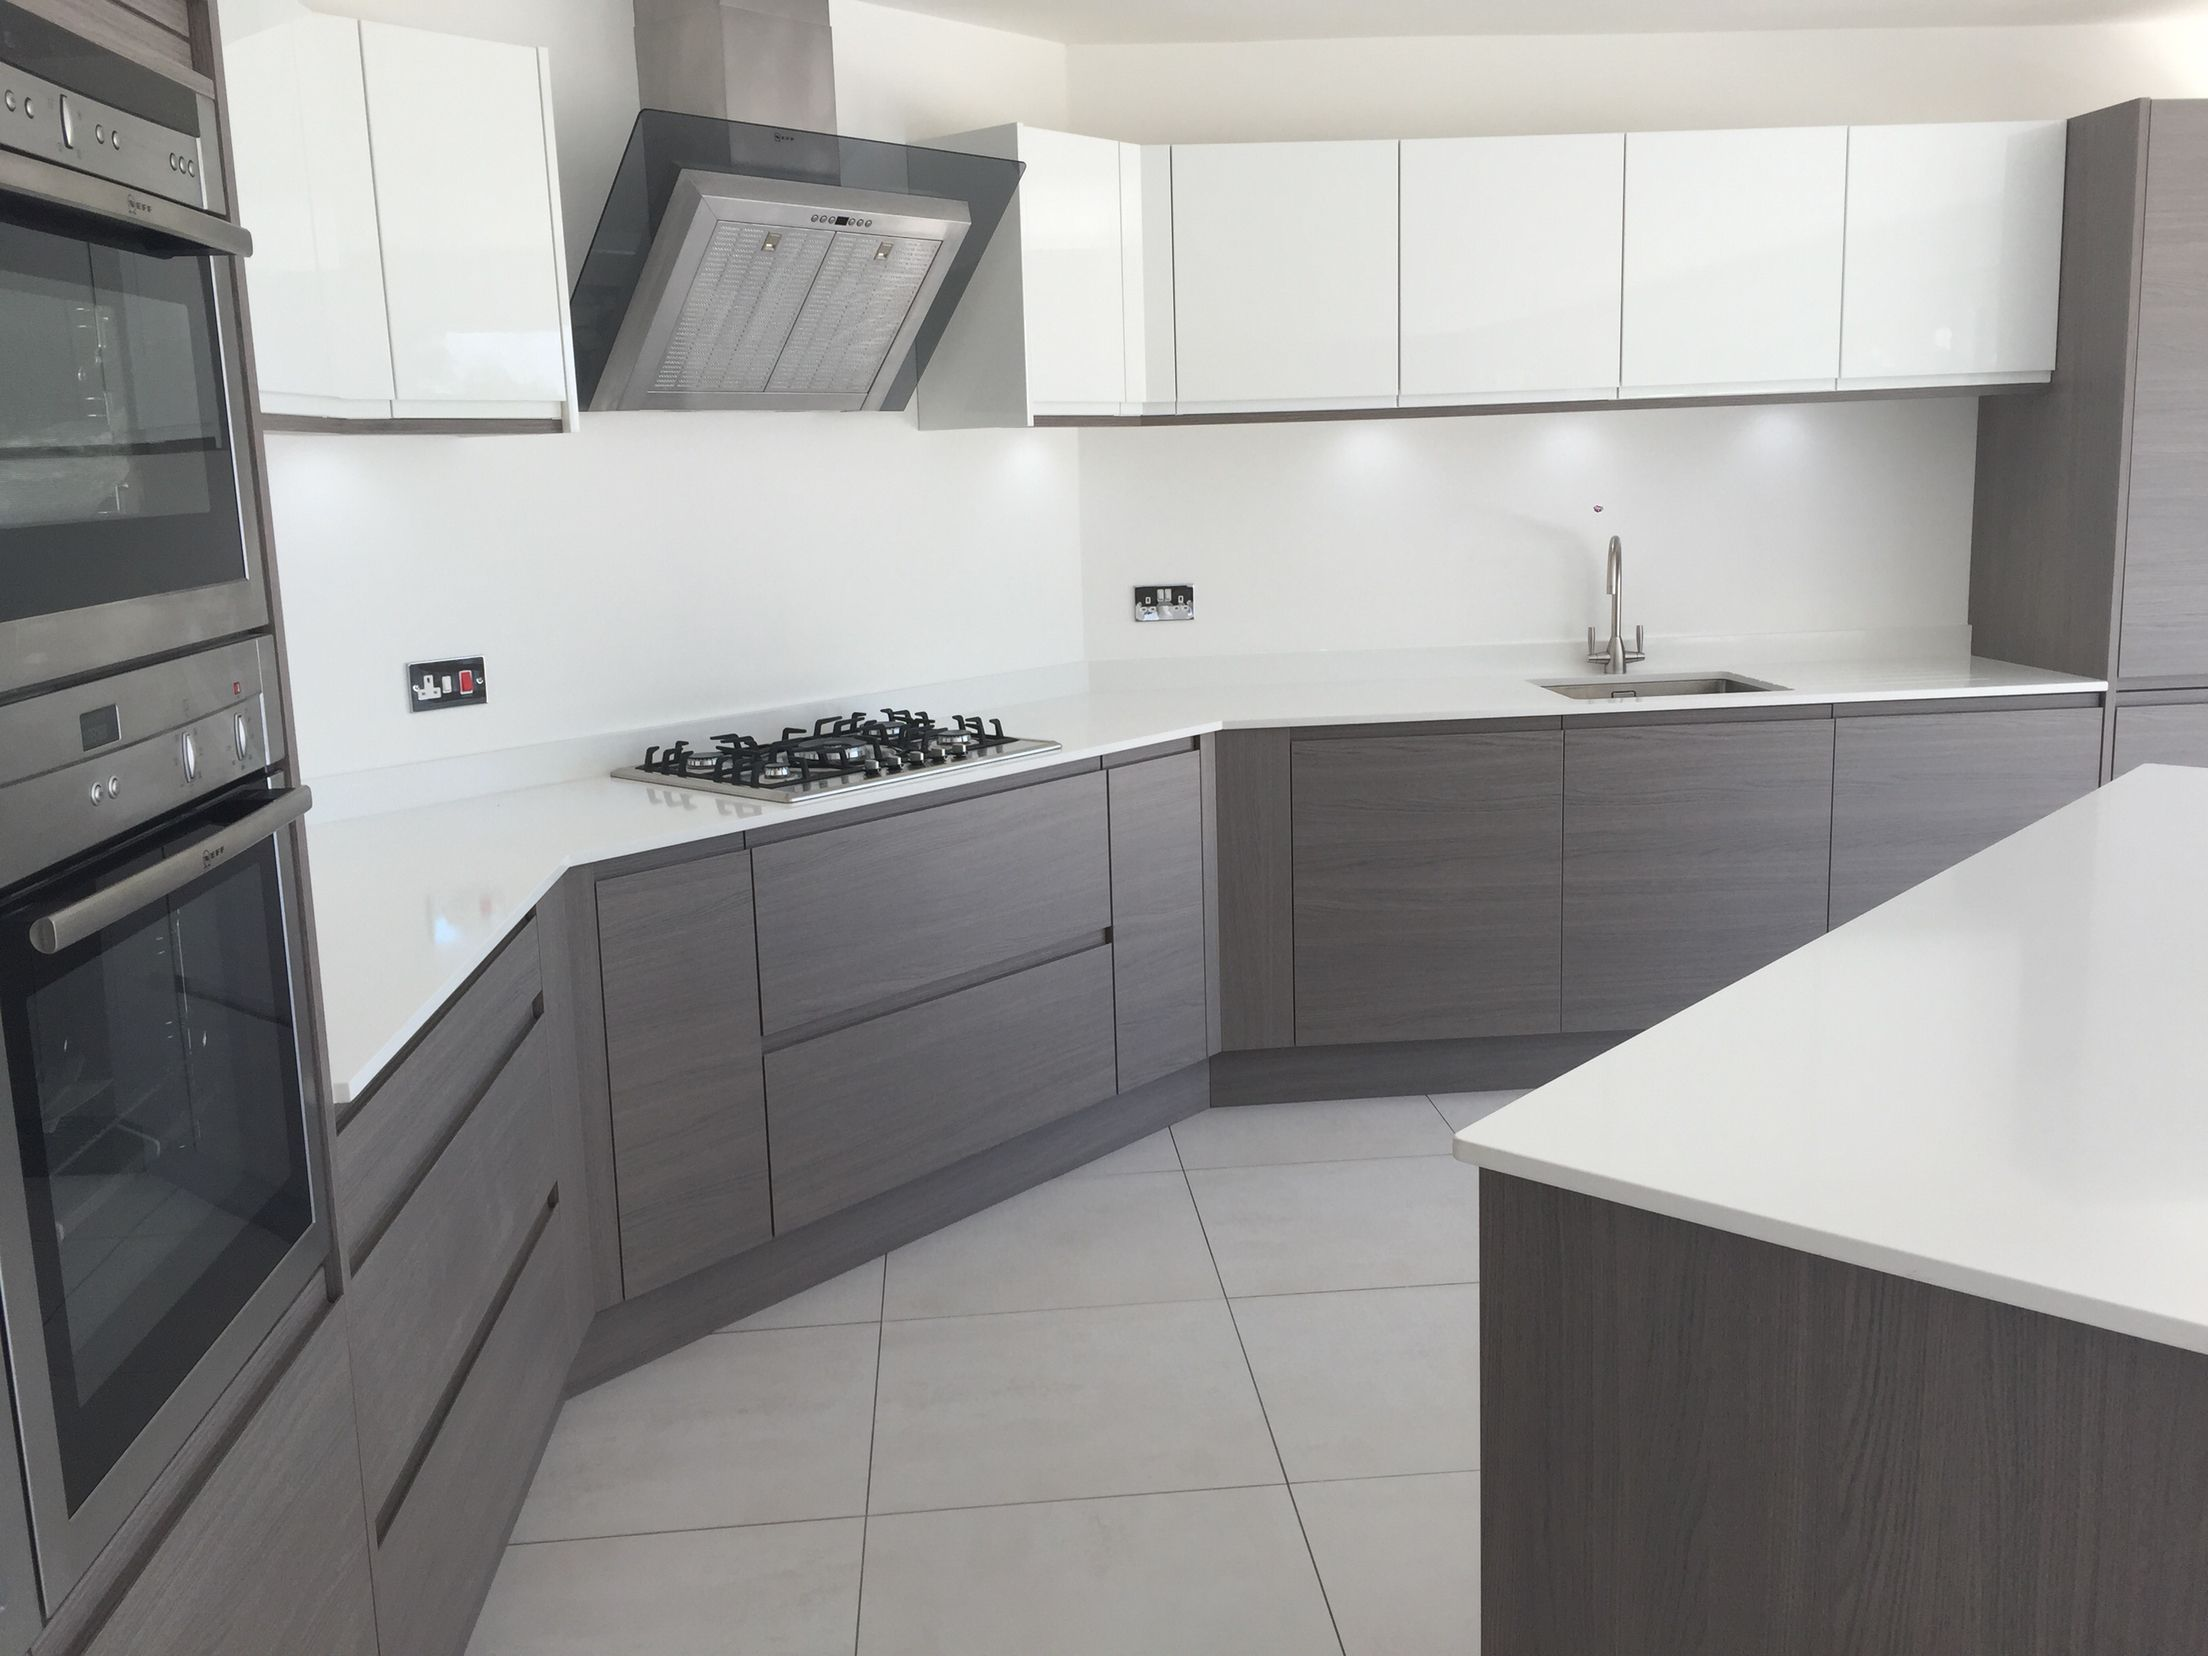 Серая кухня: 60 фото идей дизайна кухни в серых тонах, стен и пола, потолка